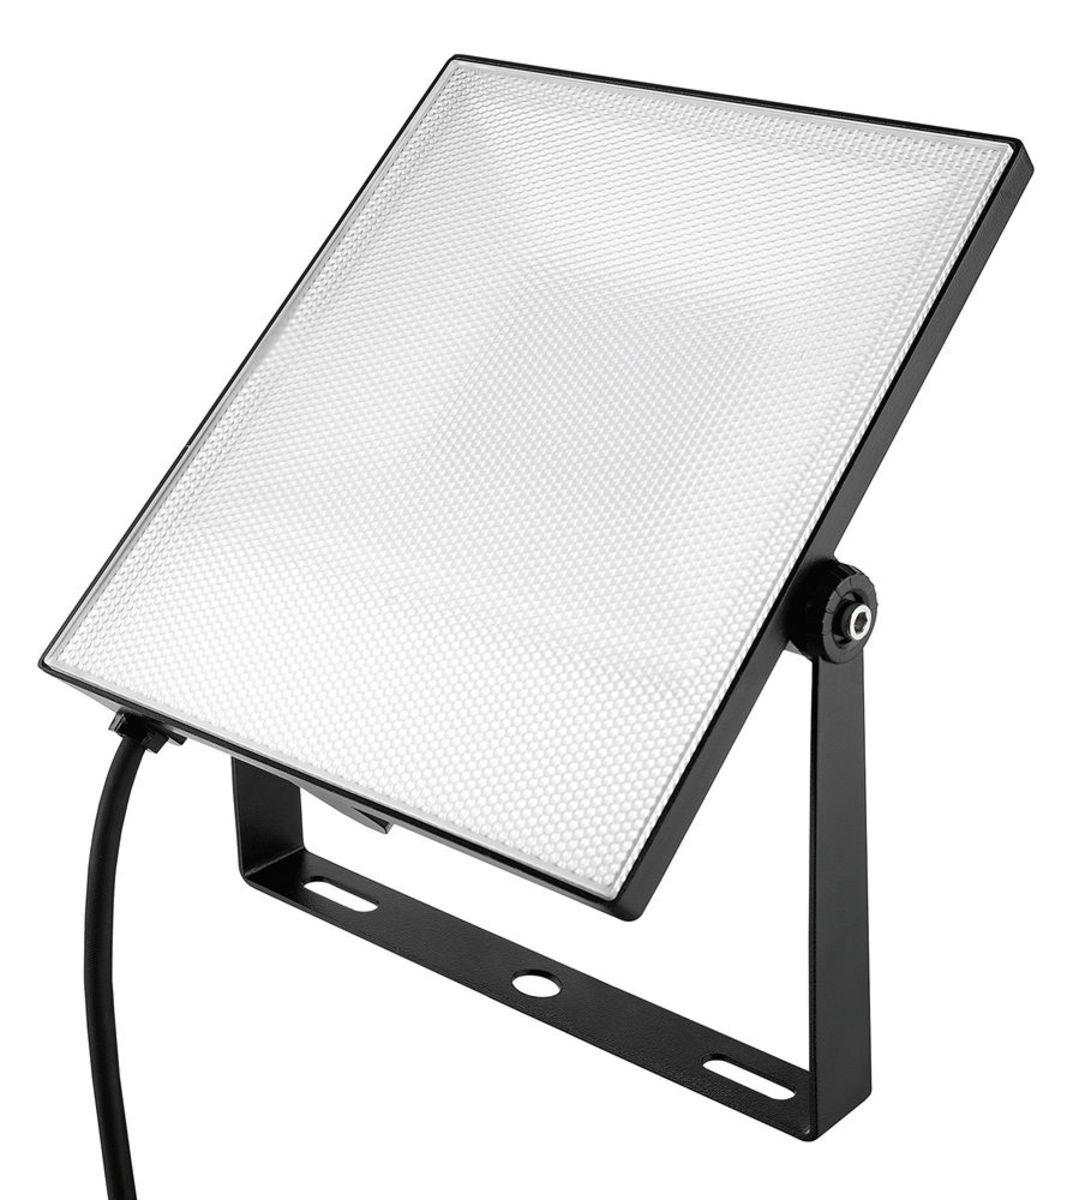 Bild 1 von Duracell LED Fluter 48 Watt - 4000 Lumen